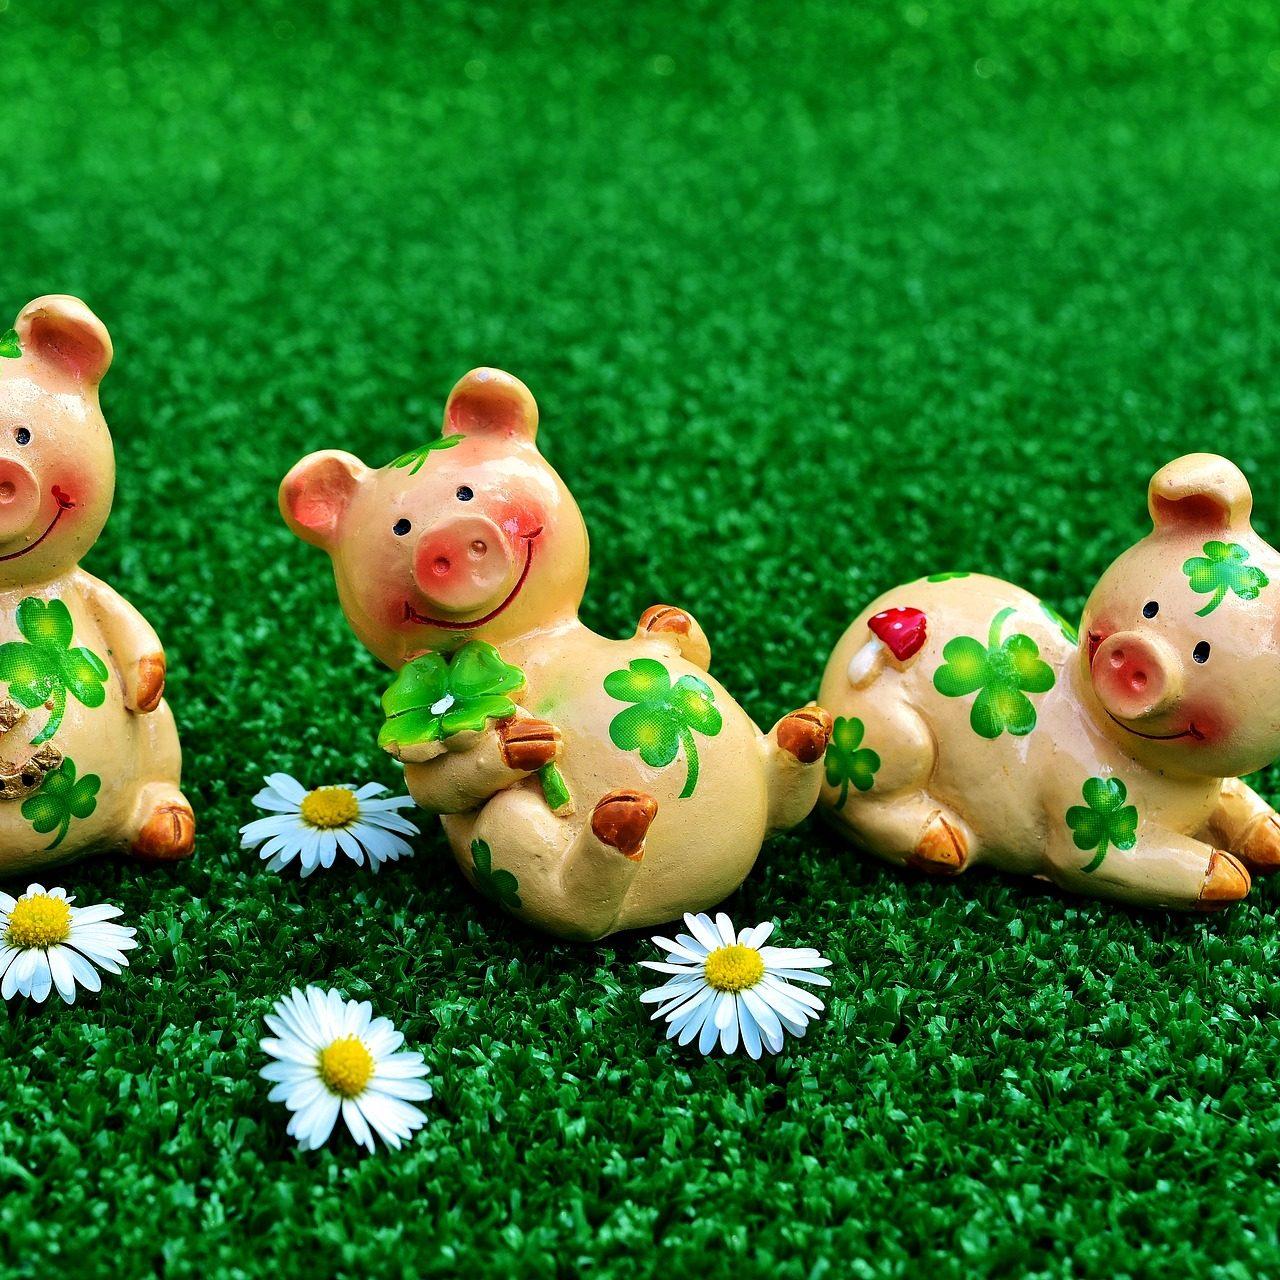 lucky-pig-2402895_1920